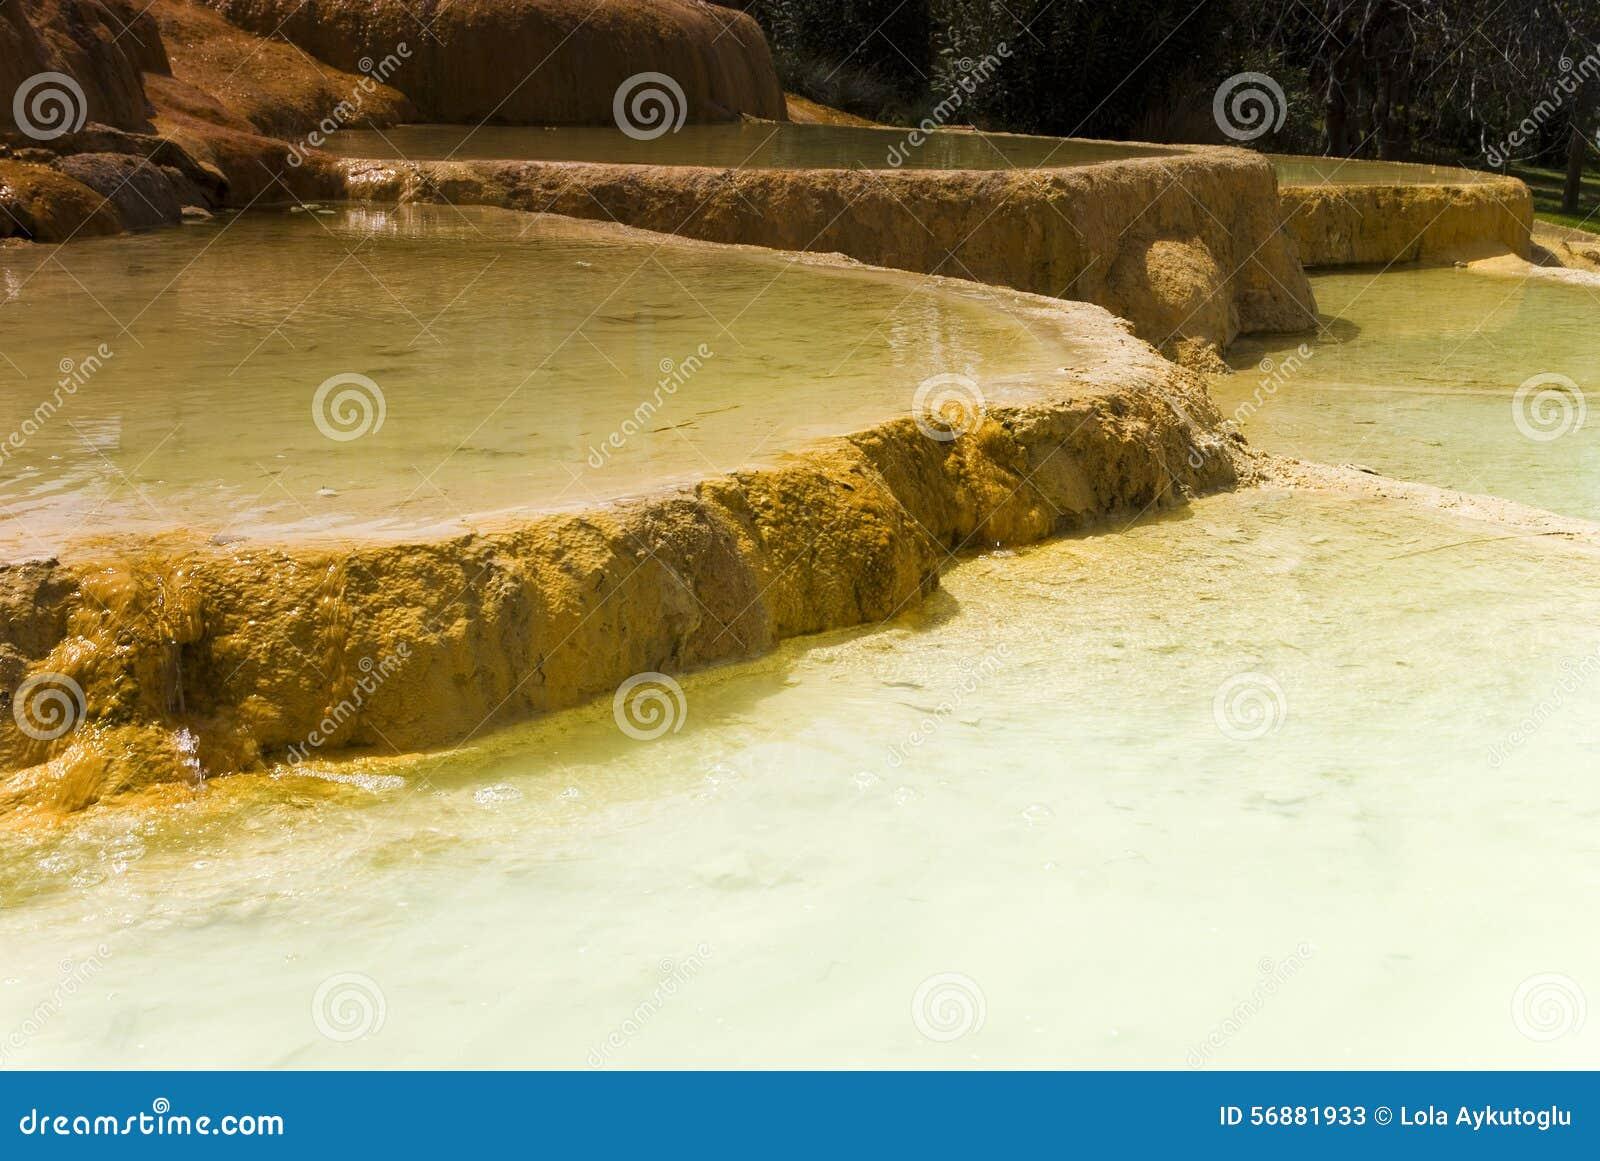 Stagni naturali del travertino di Karahayit dell acqua minerale calda in Pamukkale